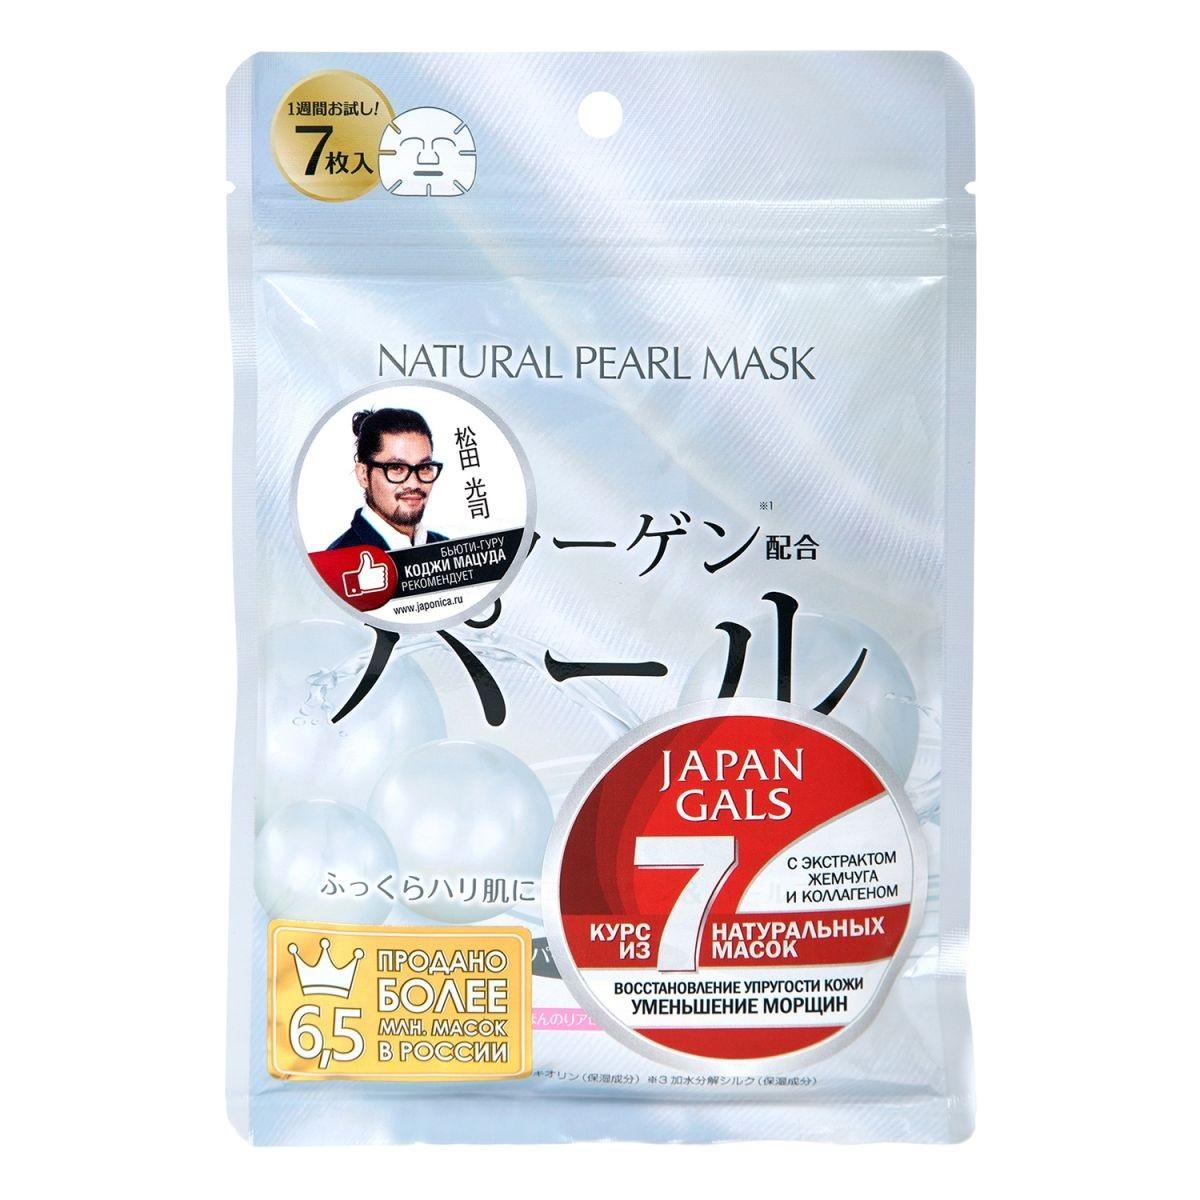 Купить JAPAN GALS Маска натуральная для лица с экстрактом жемчуга / Natural Mask 7 шт